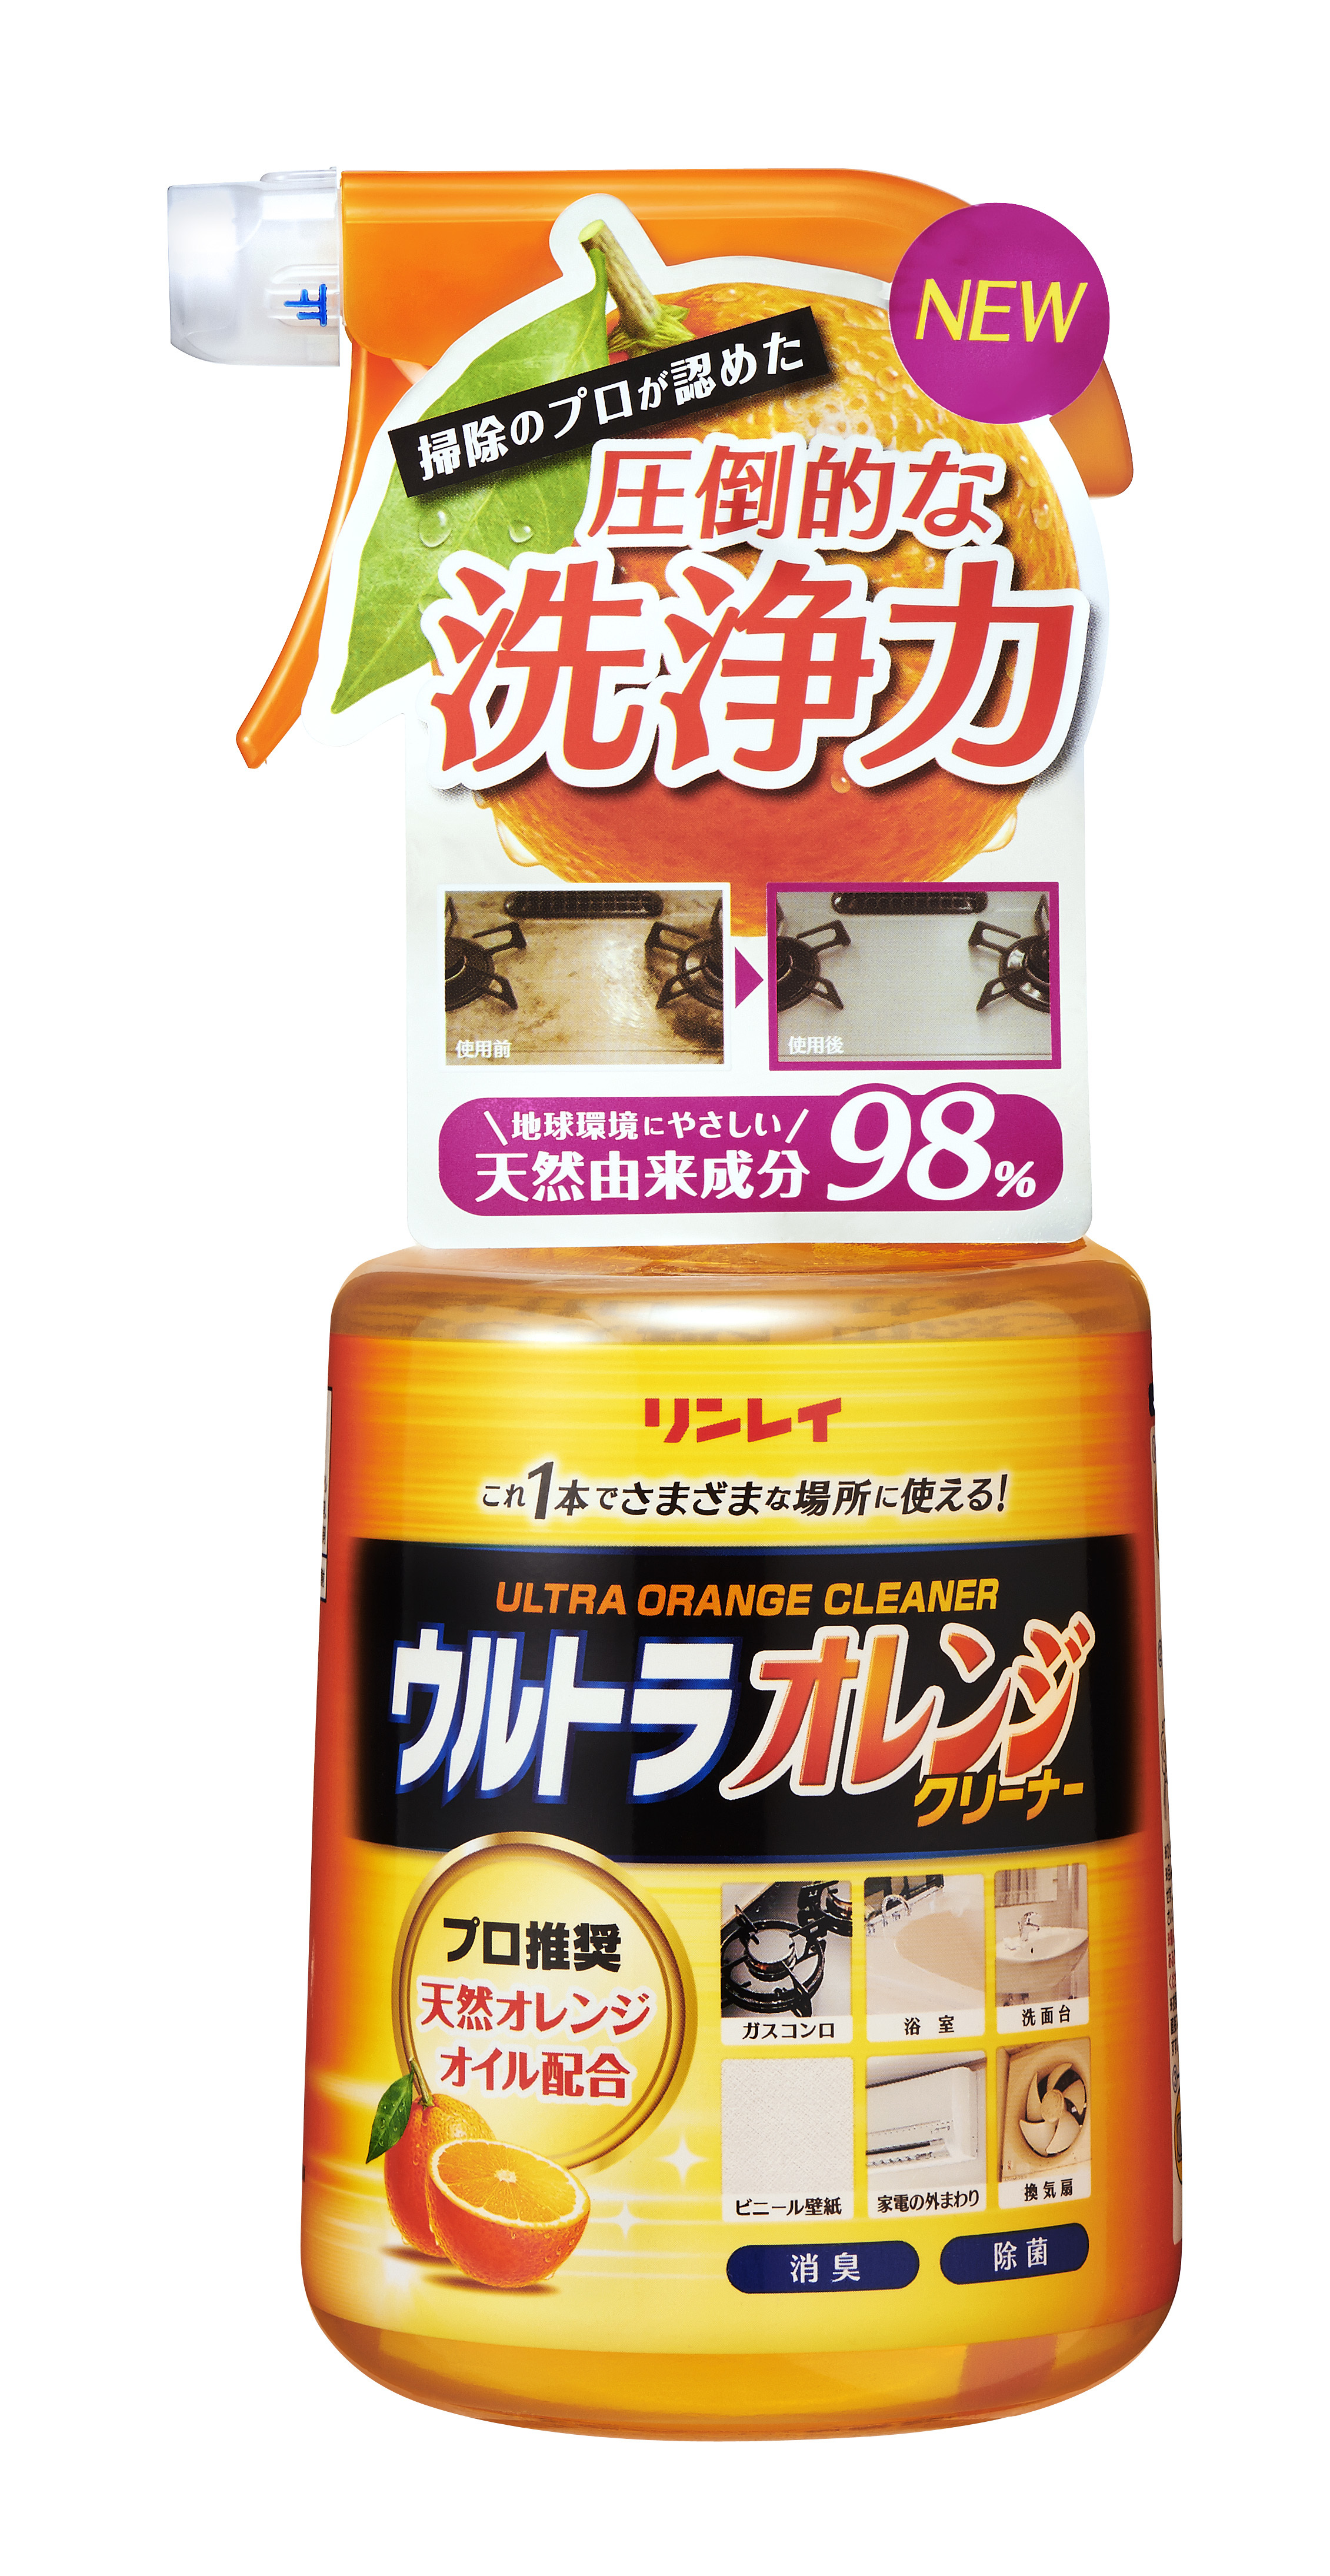 1年で40万本突破の強力洗剤シリーズ第2弾 ウルトラオレンジクリーナー 新発売 株式会社リンレイのプレスリリース